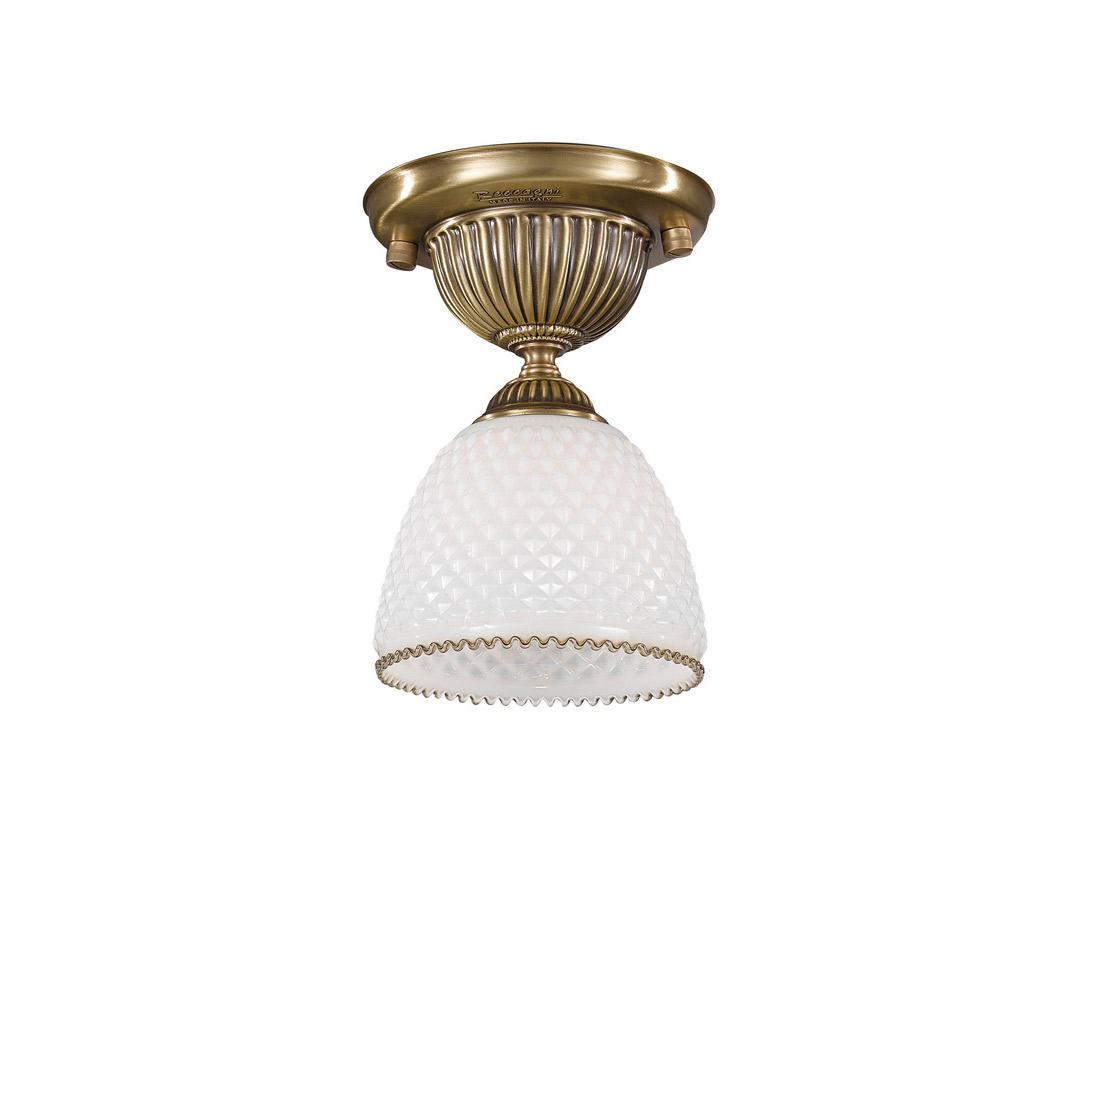 Потолочный светильник Reccagni Angelo PL 8601/1 люстра reccagni angelo rosa 8601 pl 8621 3